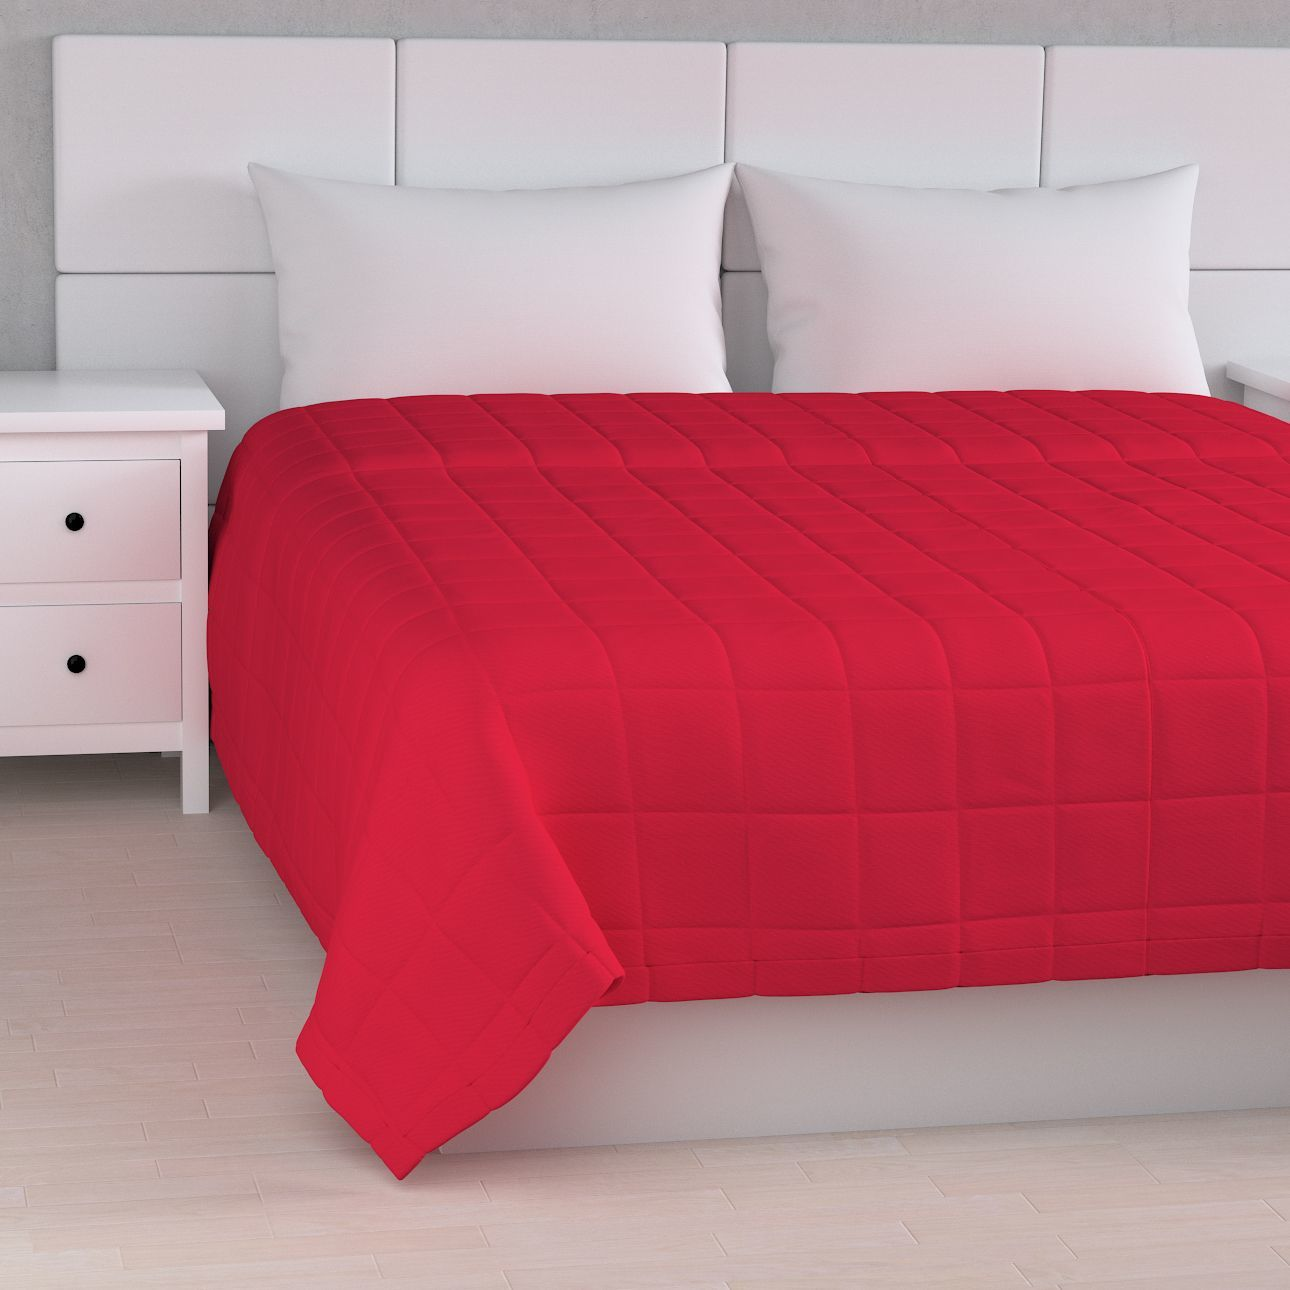 Narzuta pikowana w kratę, czerwony, szer.170  dł.210 cm, Quadro